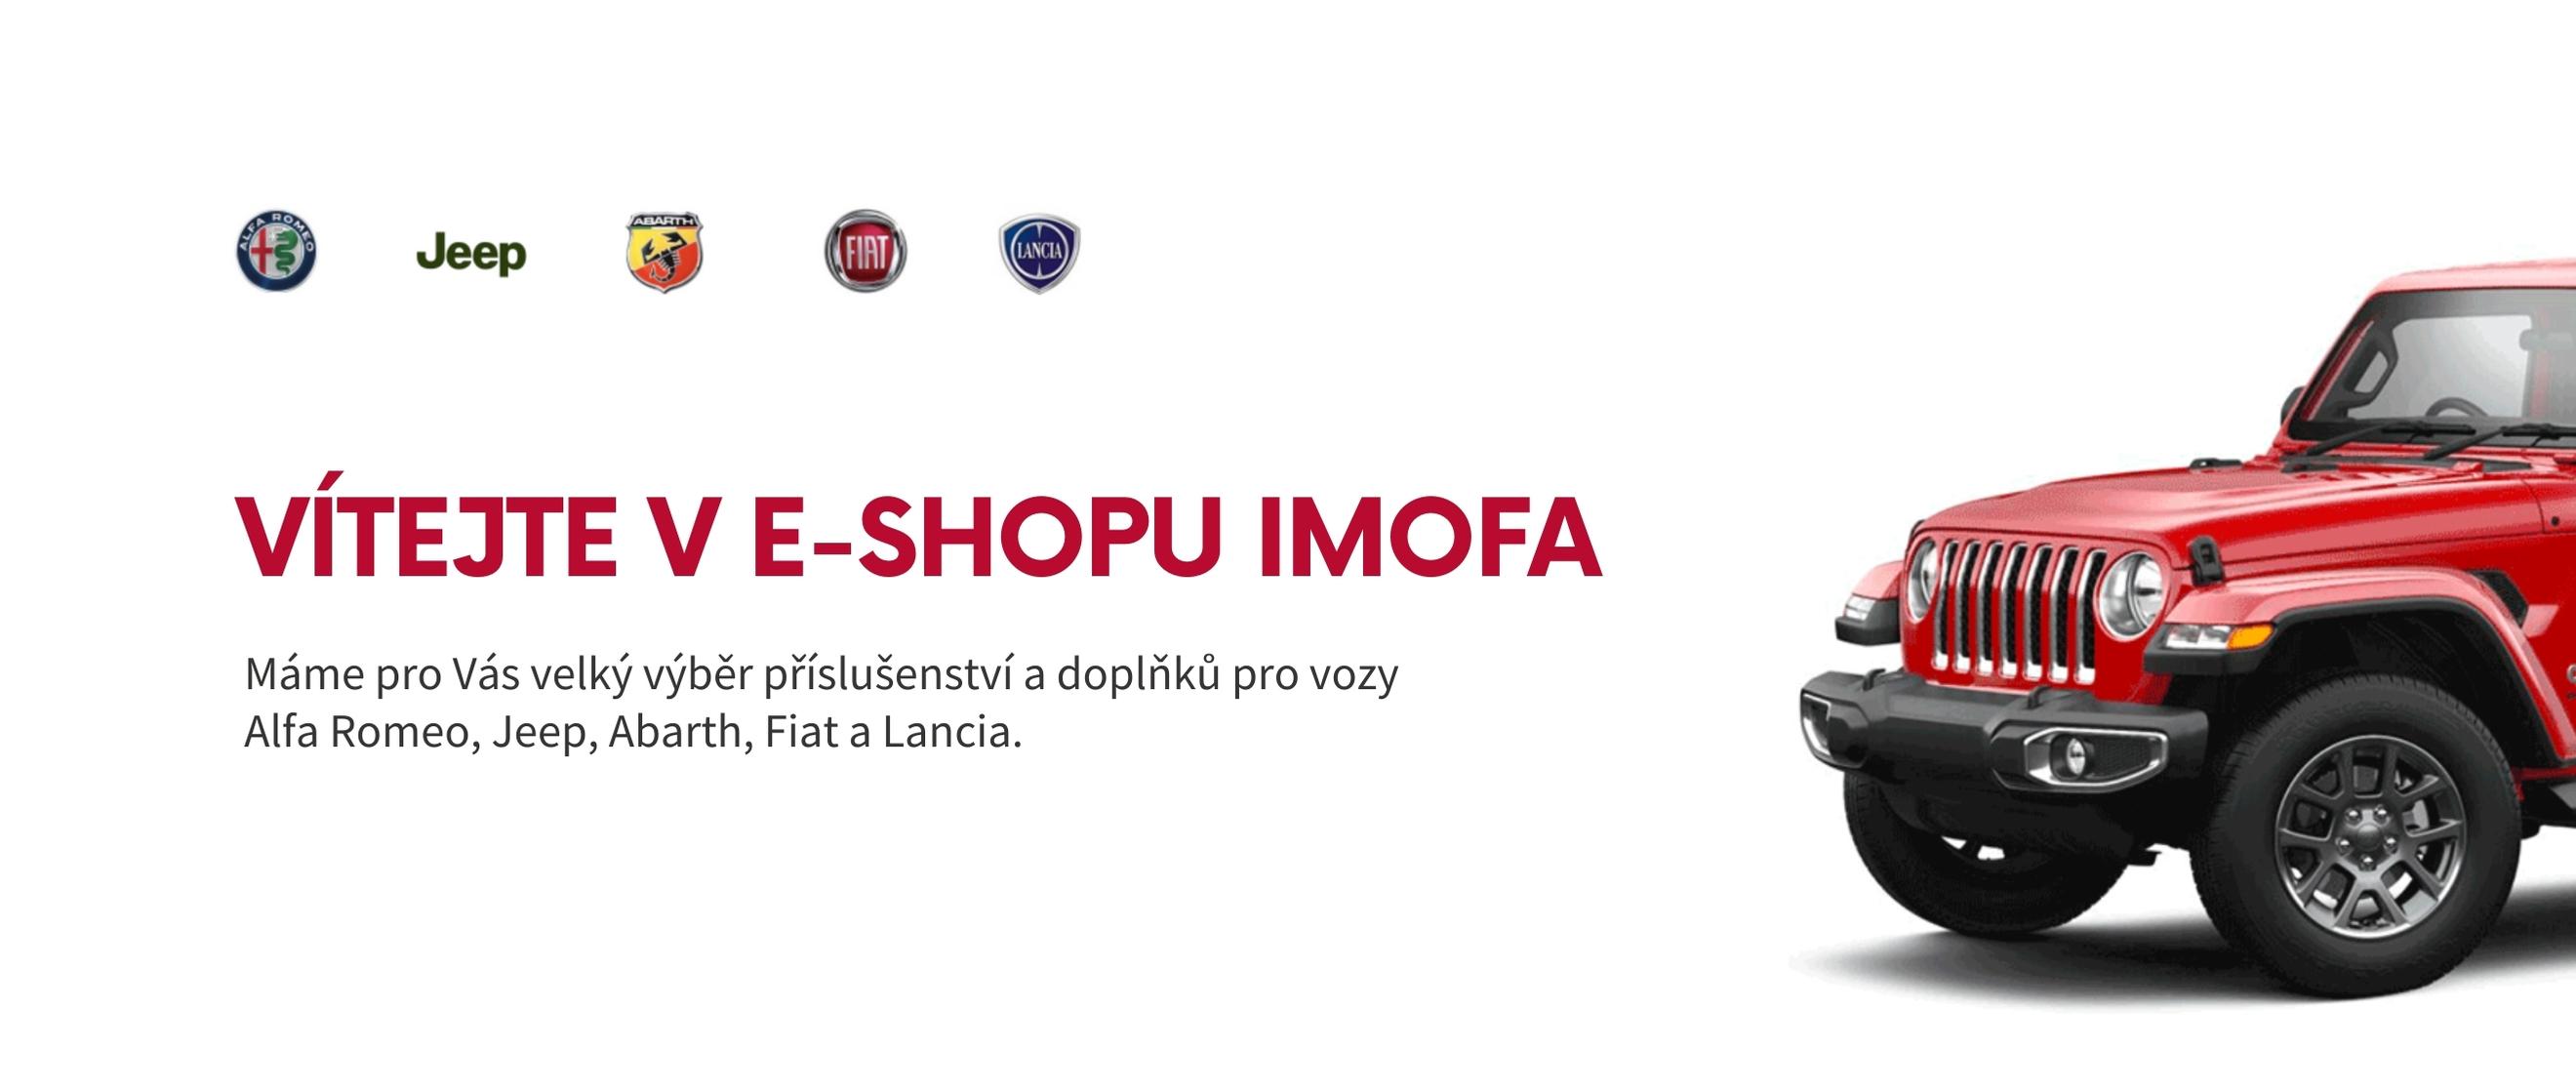 Vítejte v e-shopu IMOFA